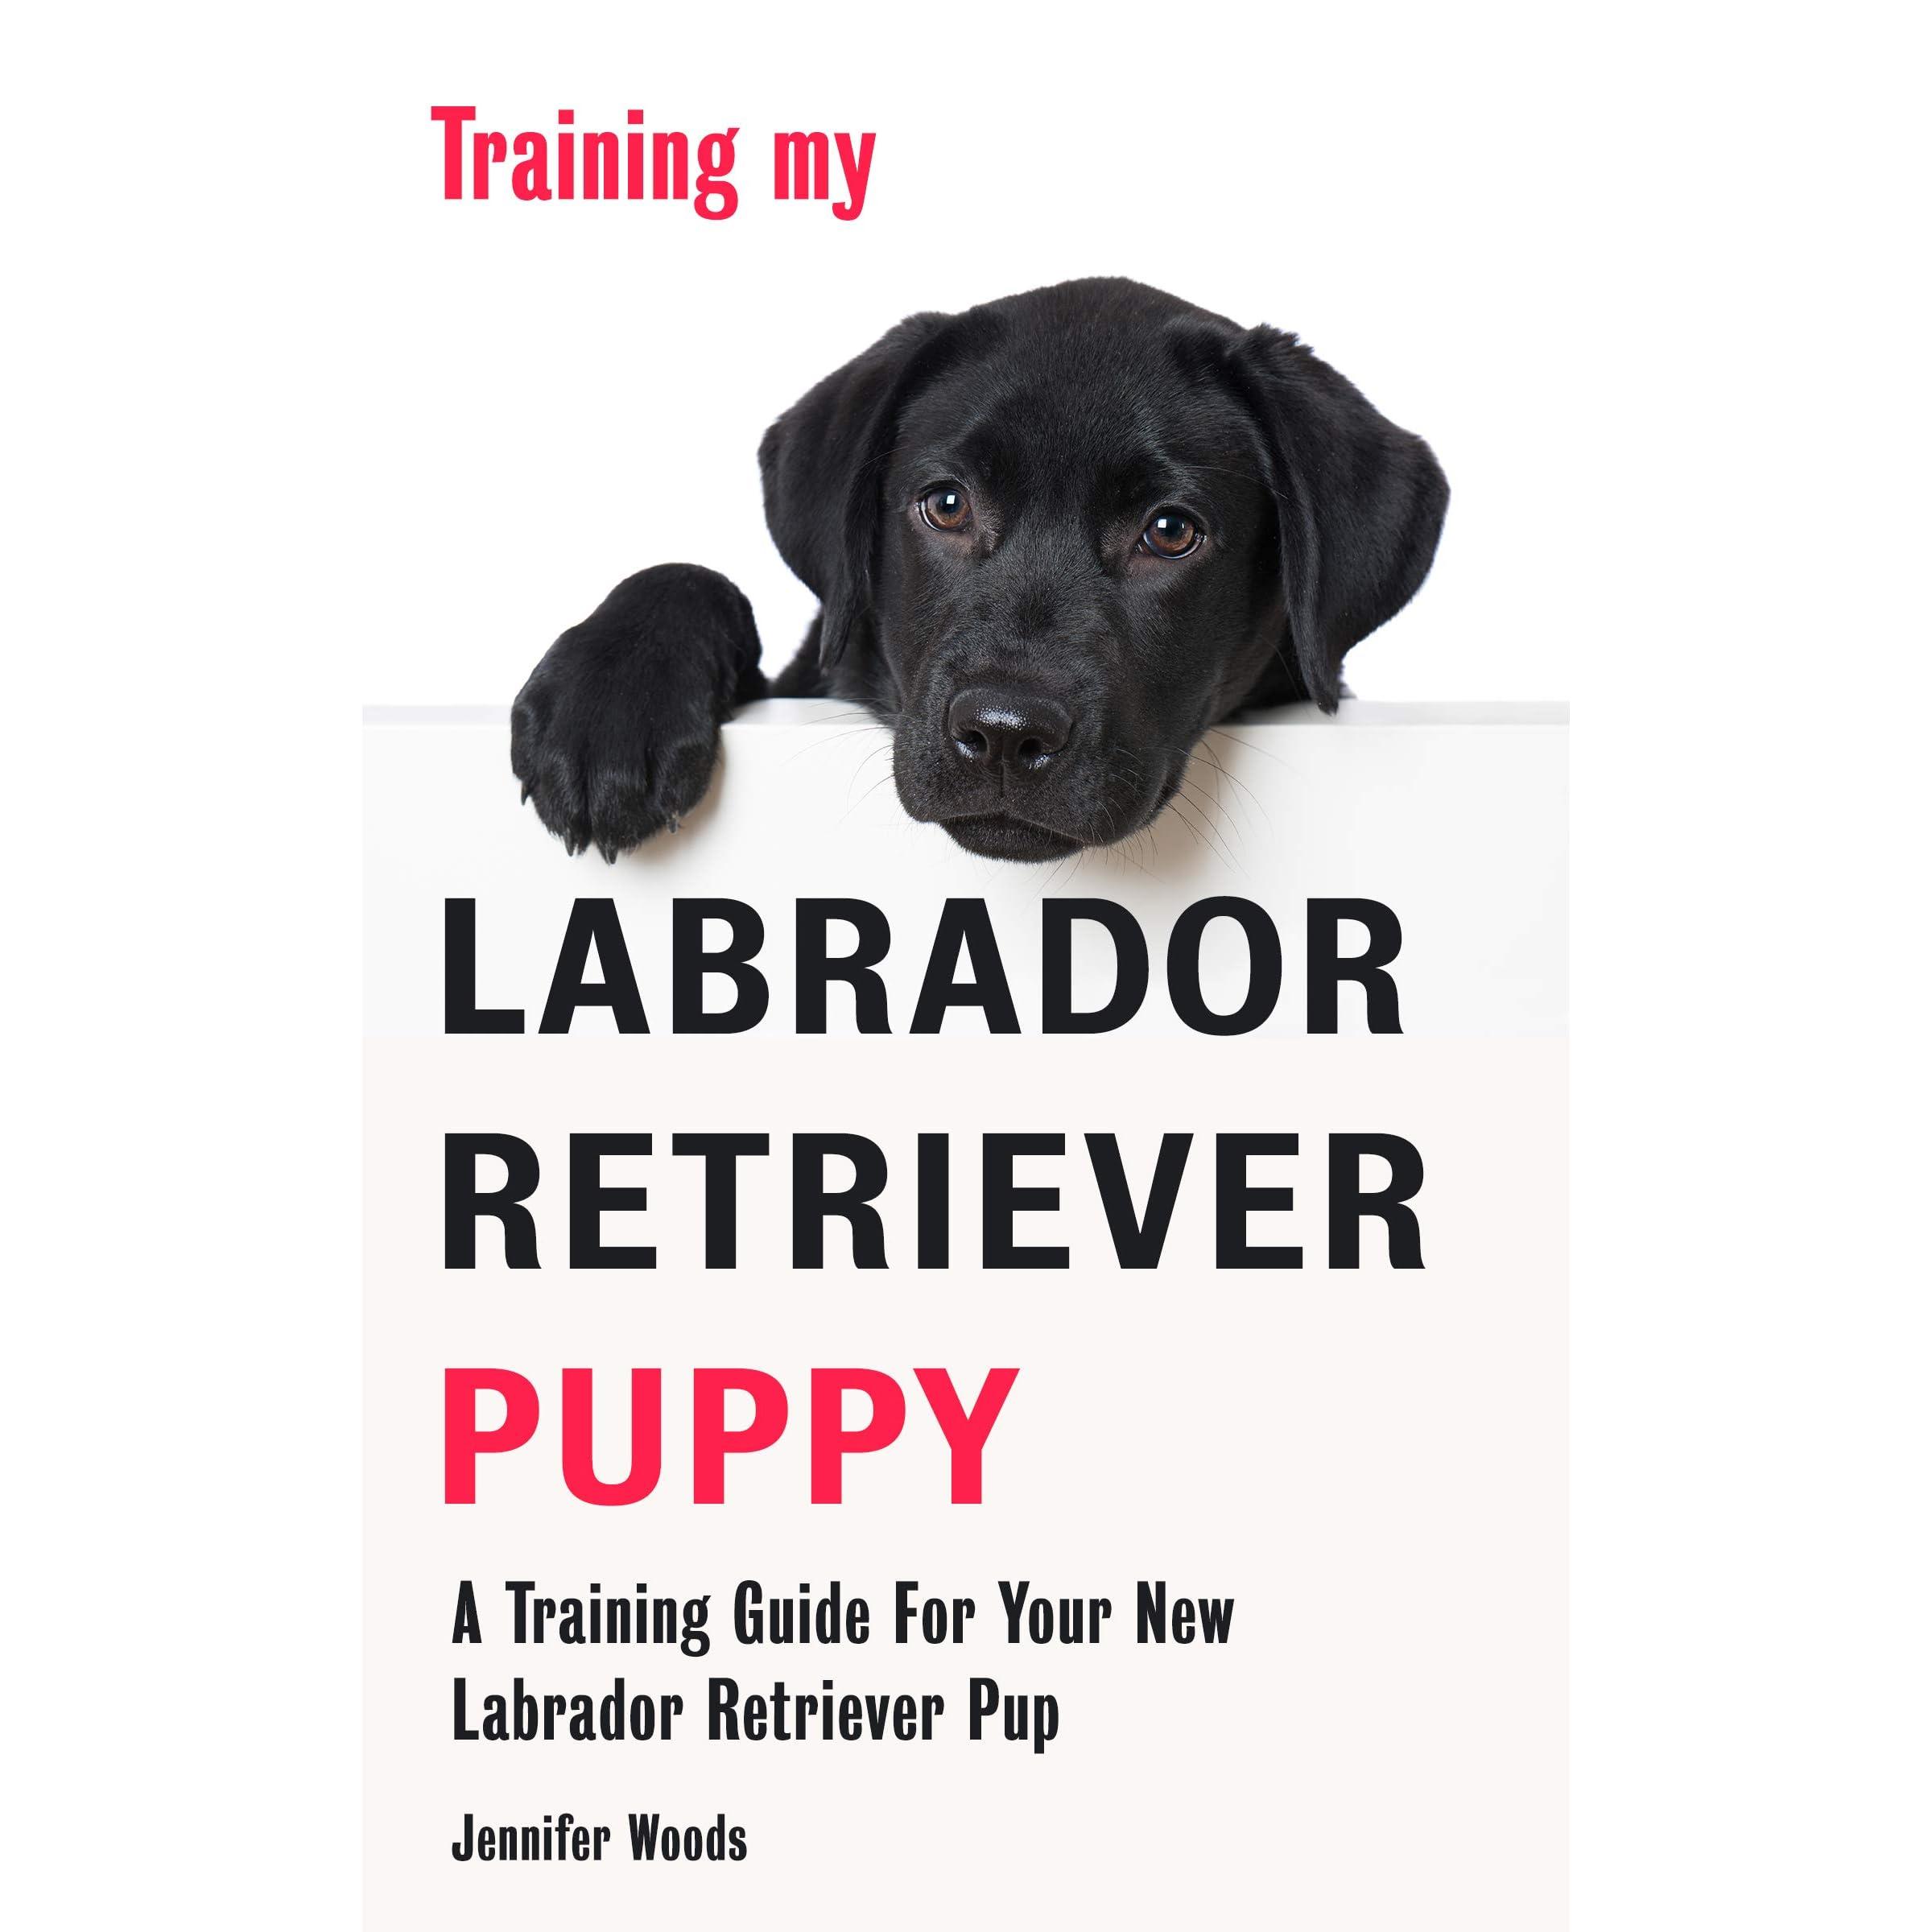 Training My Labrador Retriever Puppy A Training Guide For Your New Labrador Retriever Pup By Jennifer Woods